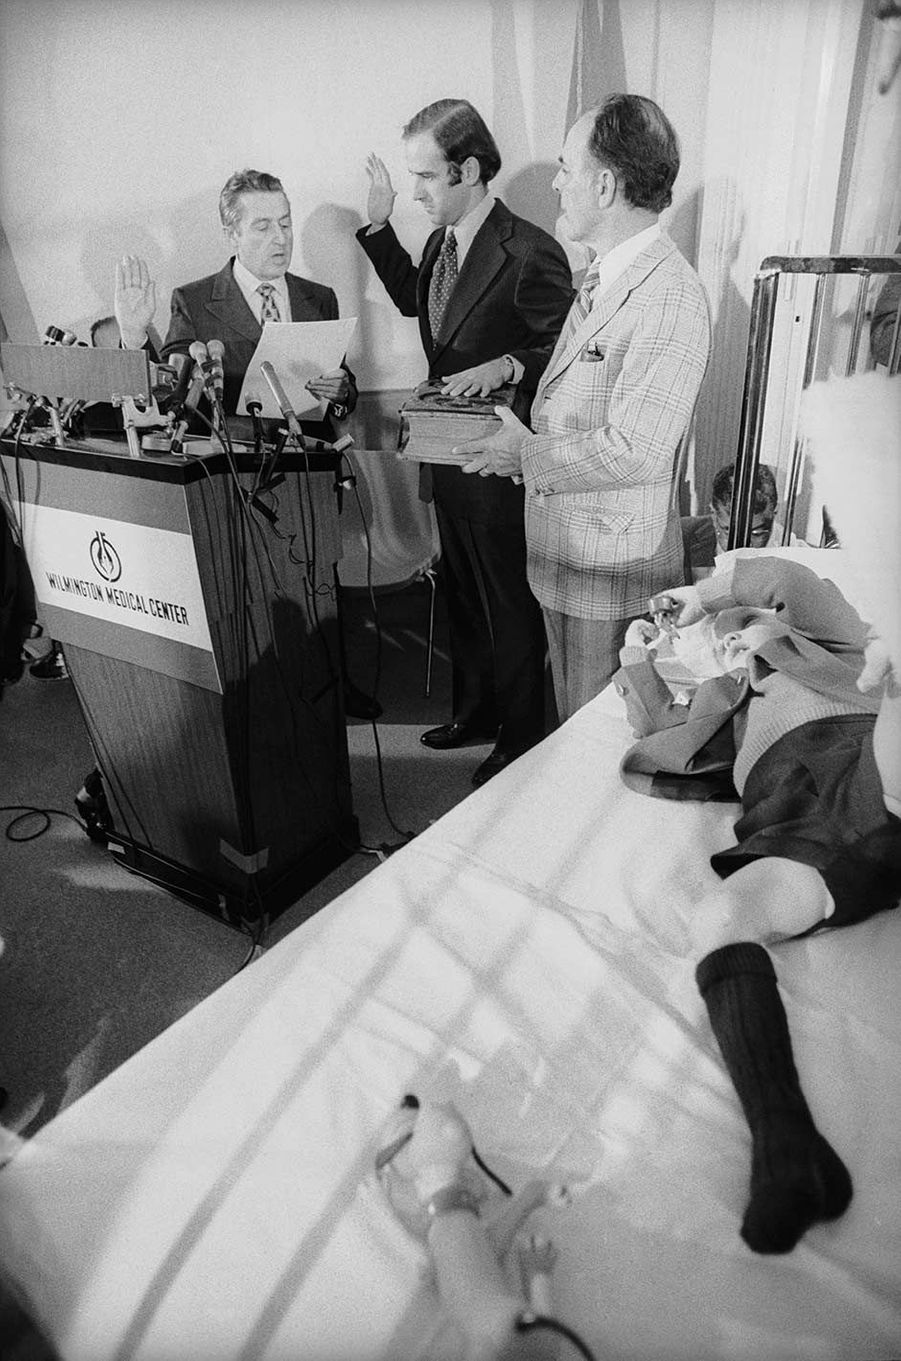 Joe Biden, élu sénateur peu avant l'accident, a prêté serment depuis l'hôpital où ses fils Beau et Hunter étaient admis, en janvier 1973.